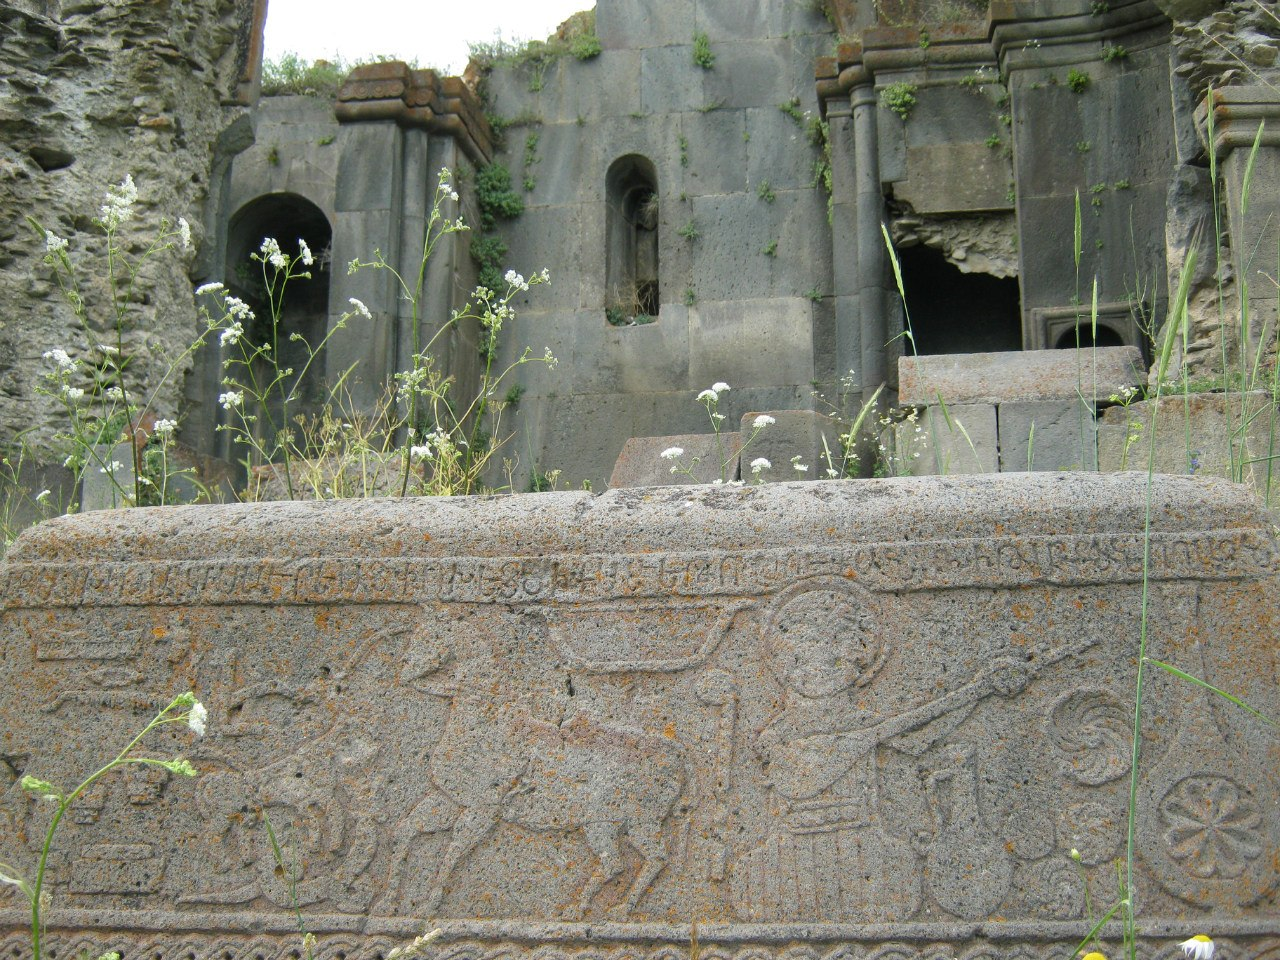 Древний надгробный камень с рельефными рисунками на юго-востоке Армении